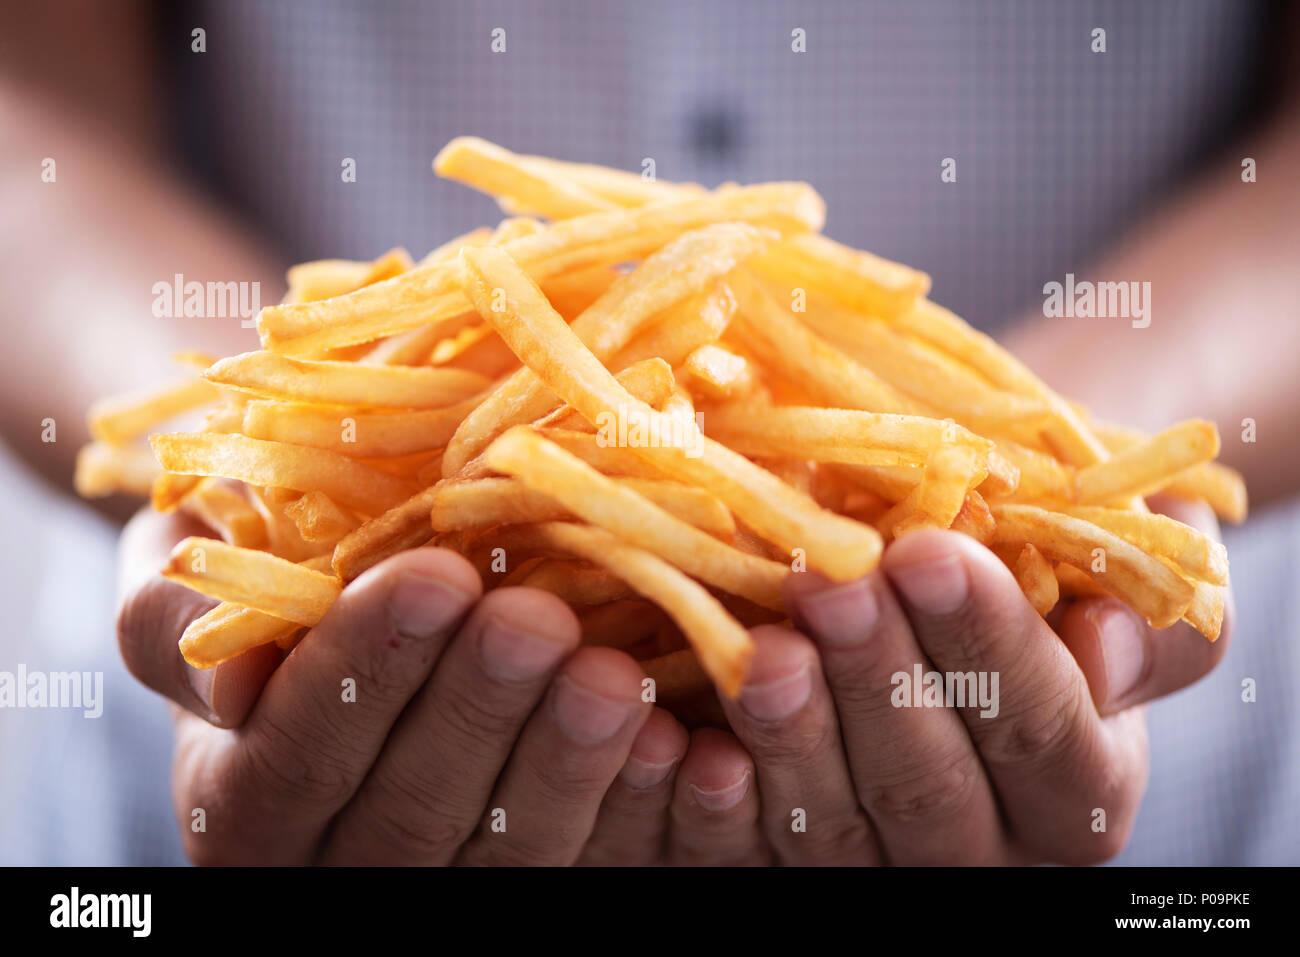 Nahaufnahme eines jungen kaukasischen Mann mit ein paar leckere Pommes frites in seine Hände Stockbild